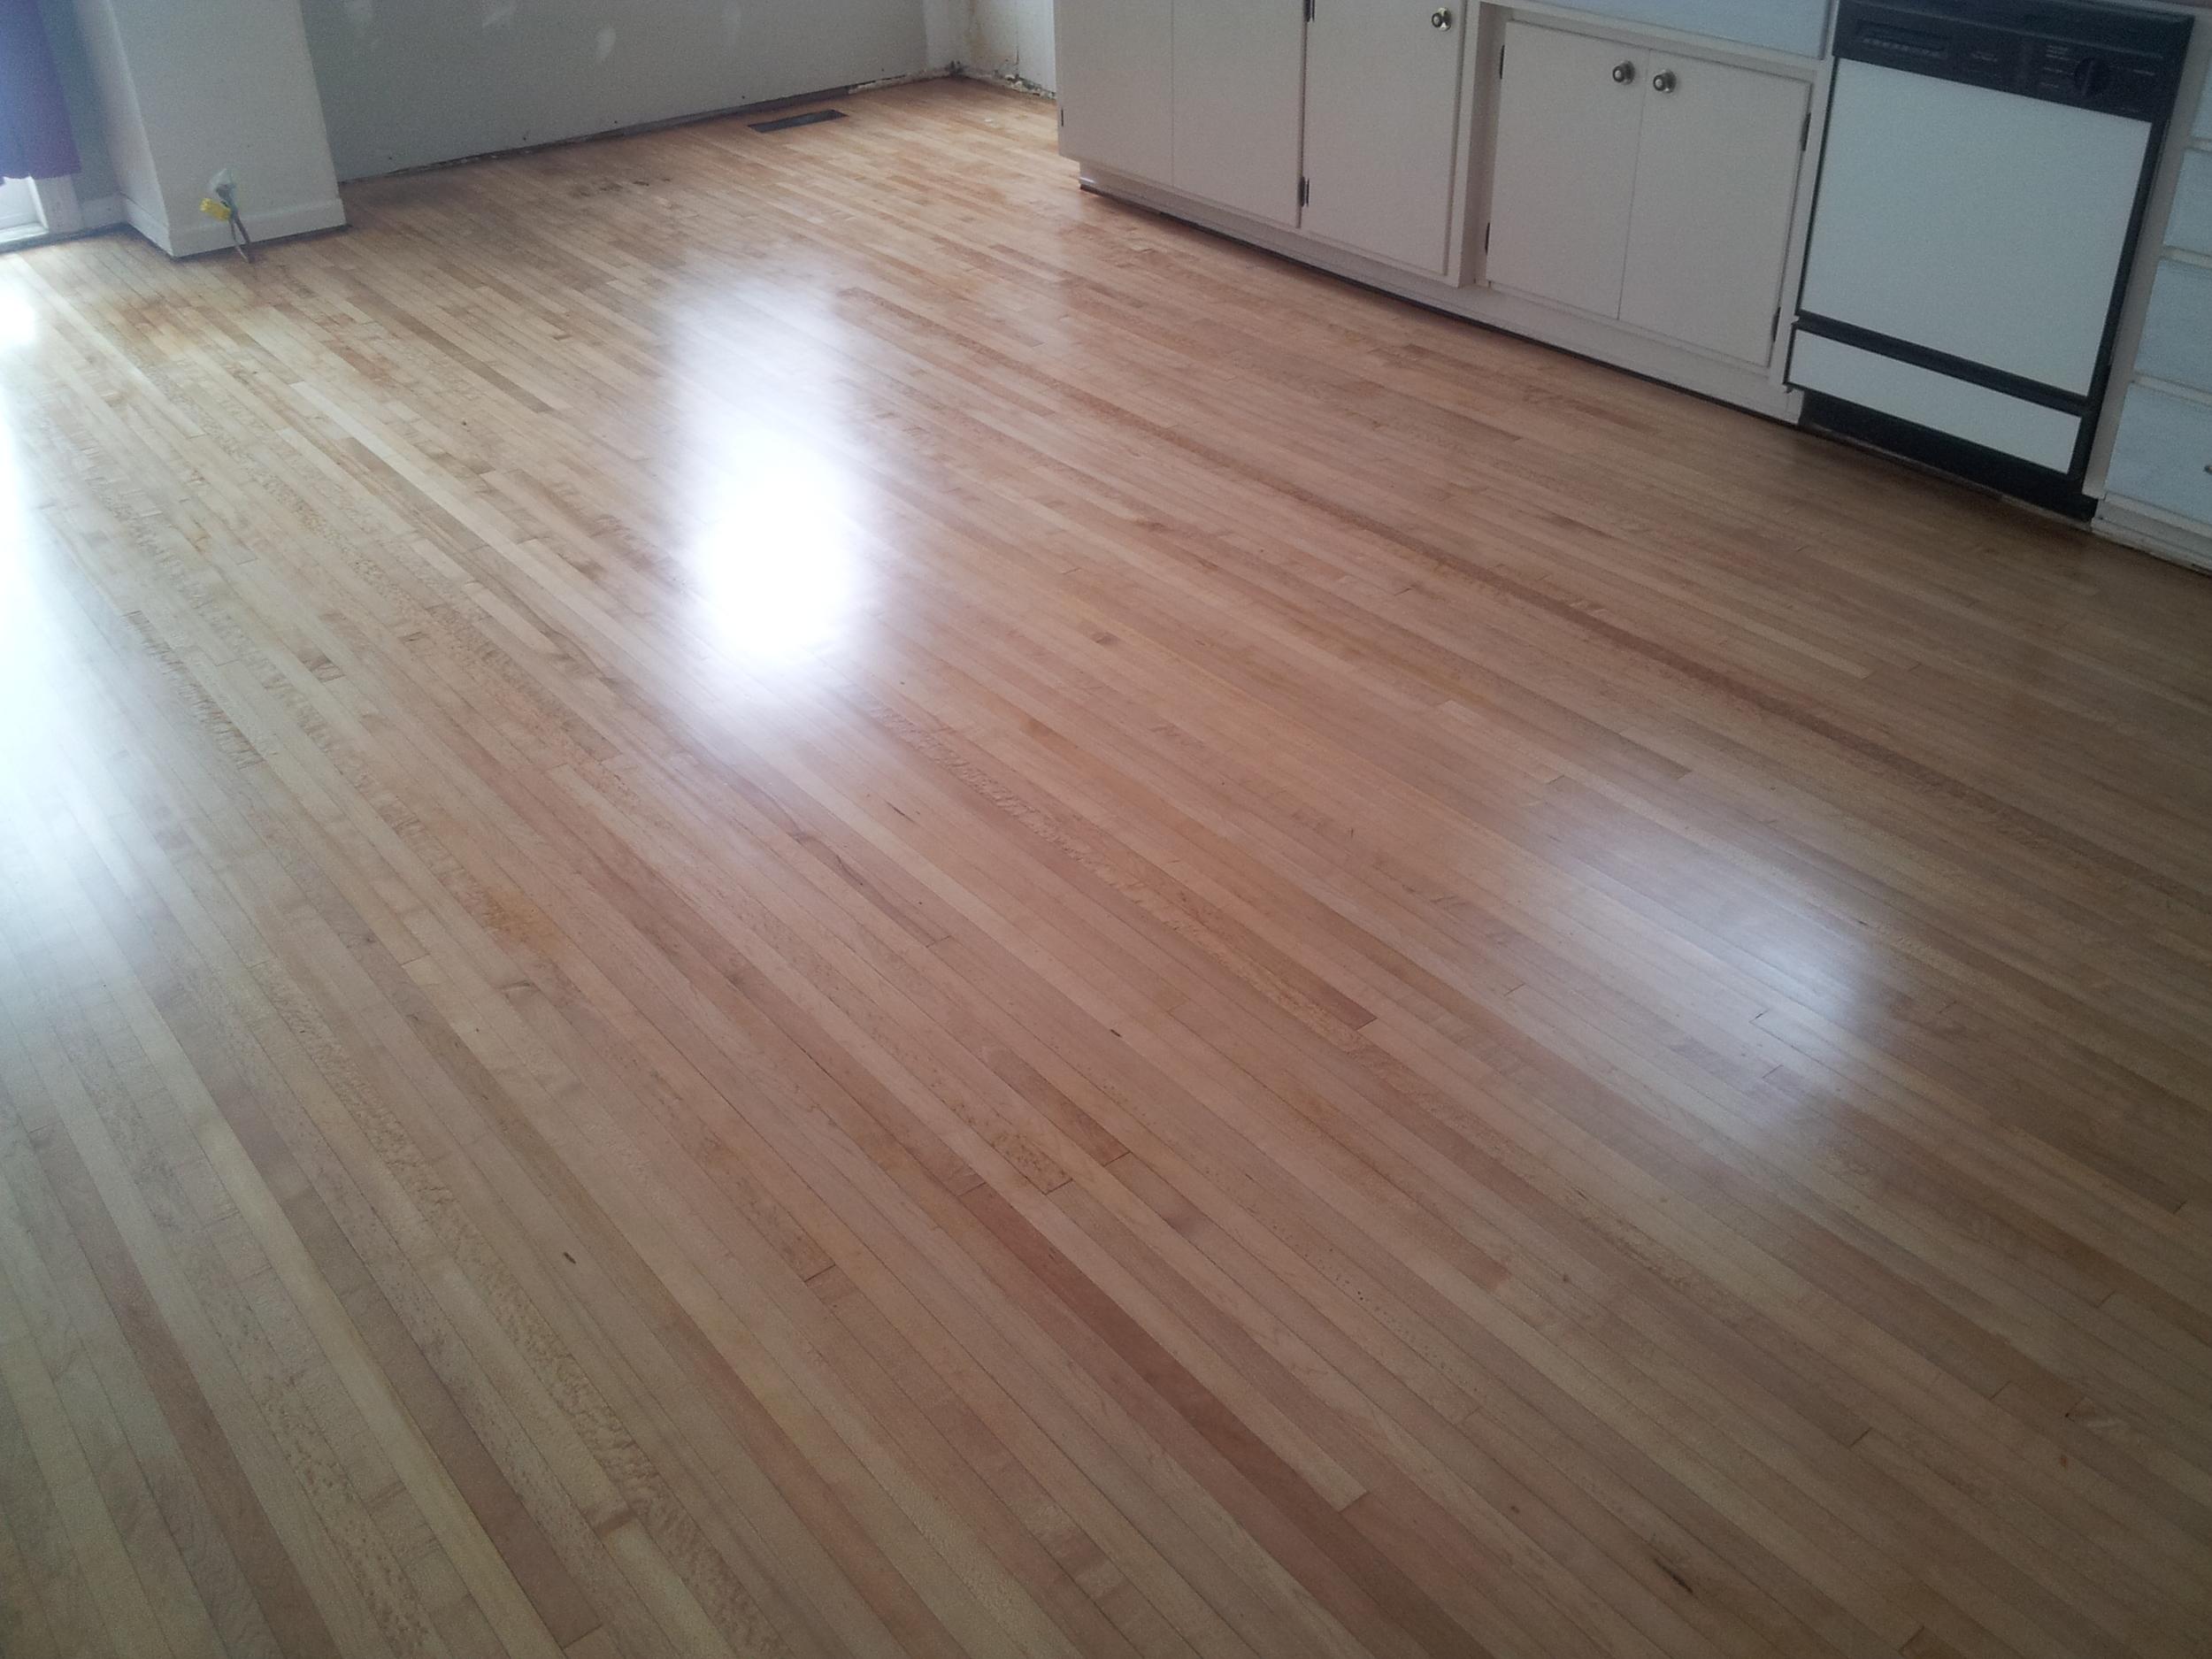 Maple Wood Flooring Raven Hardwood Flooring